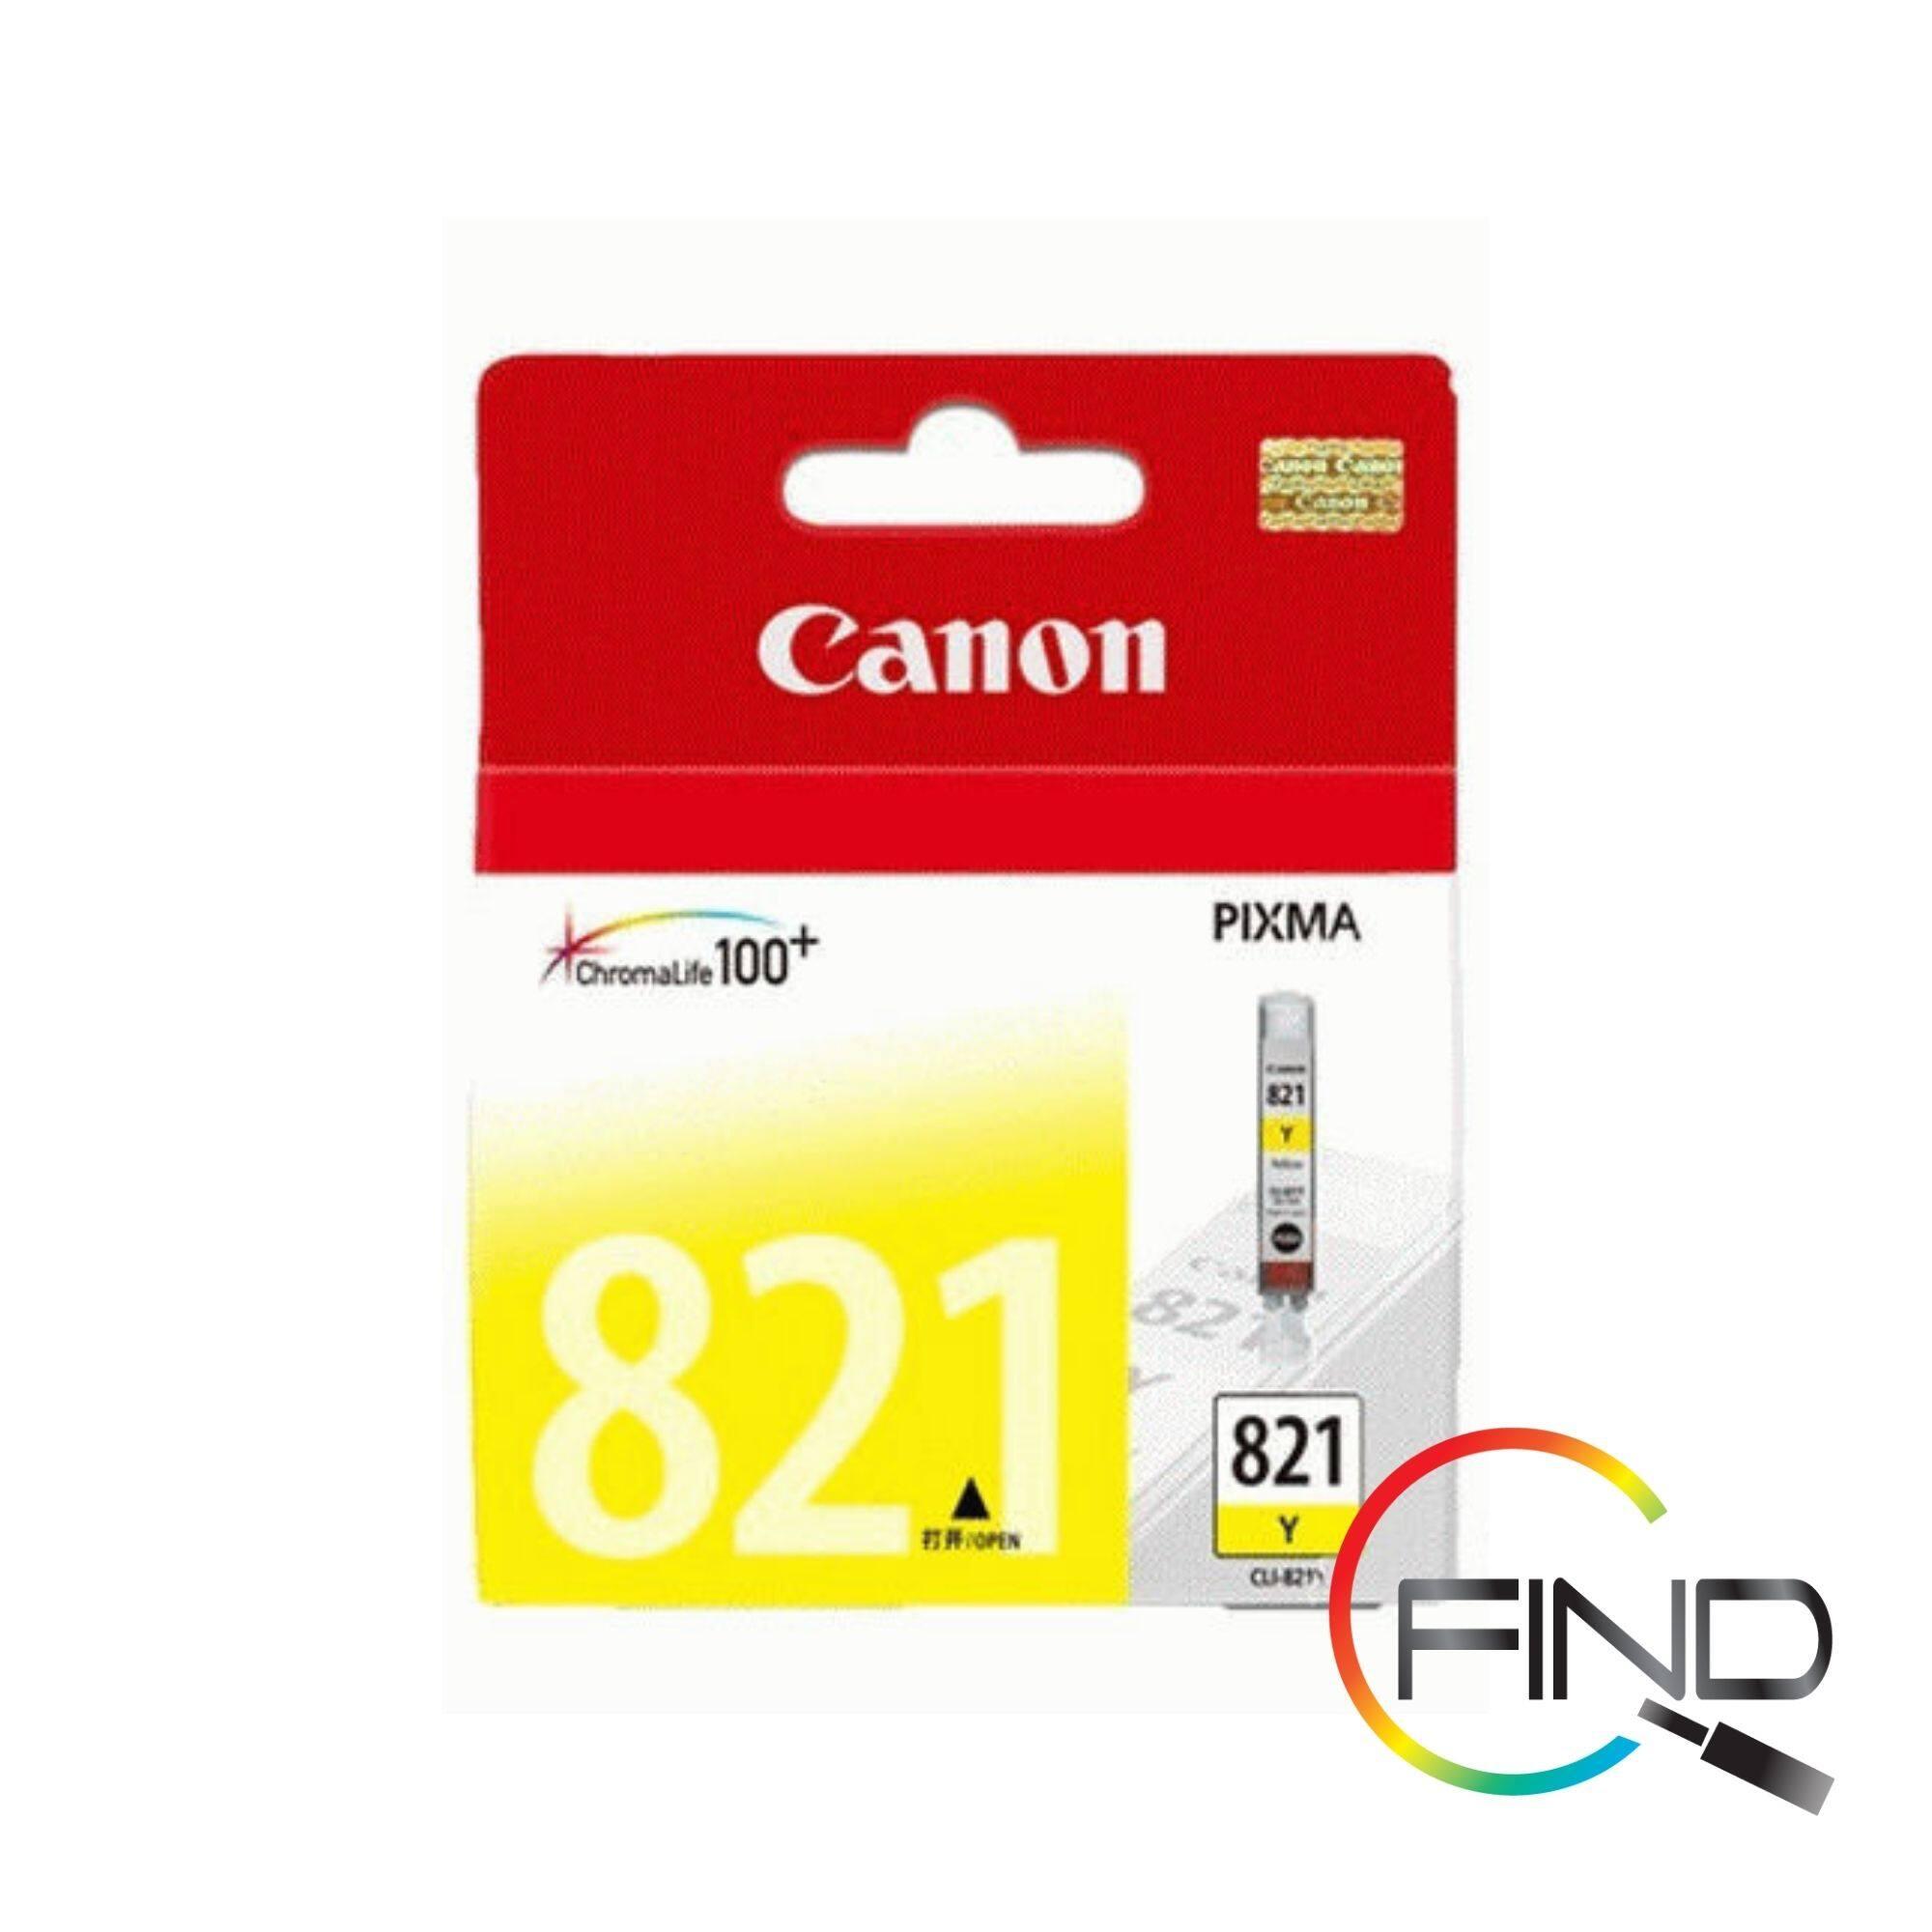 Canon CLI-821 Yellow Cartridge for MP568/MP628/MP638/MP648/MP988/MP996/MX876 Printer